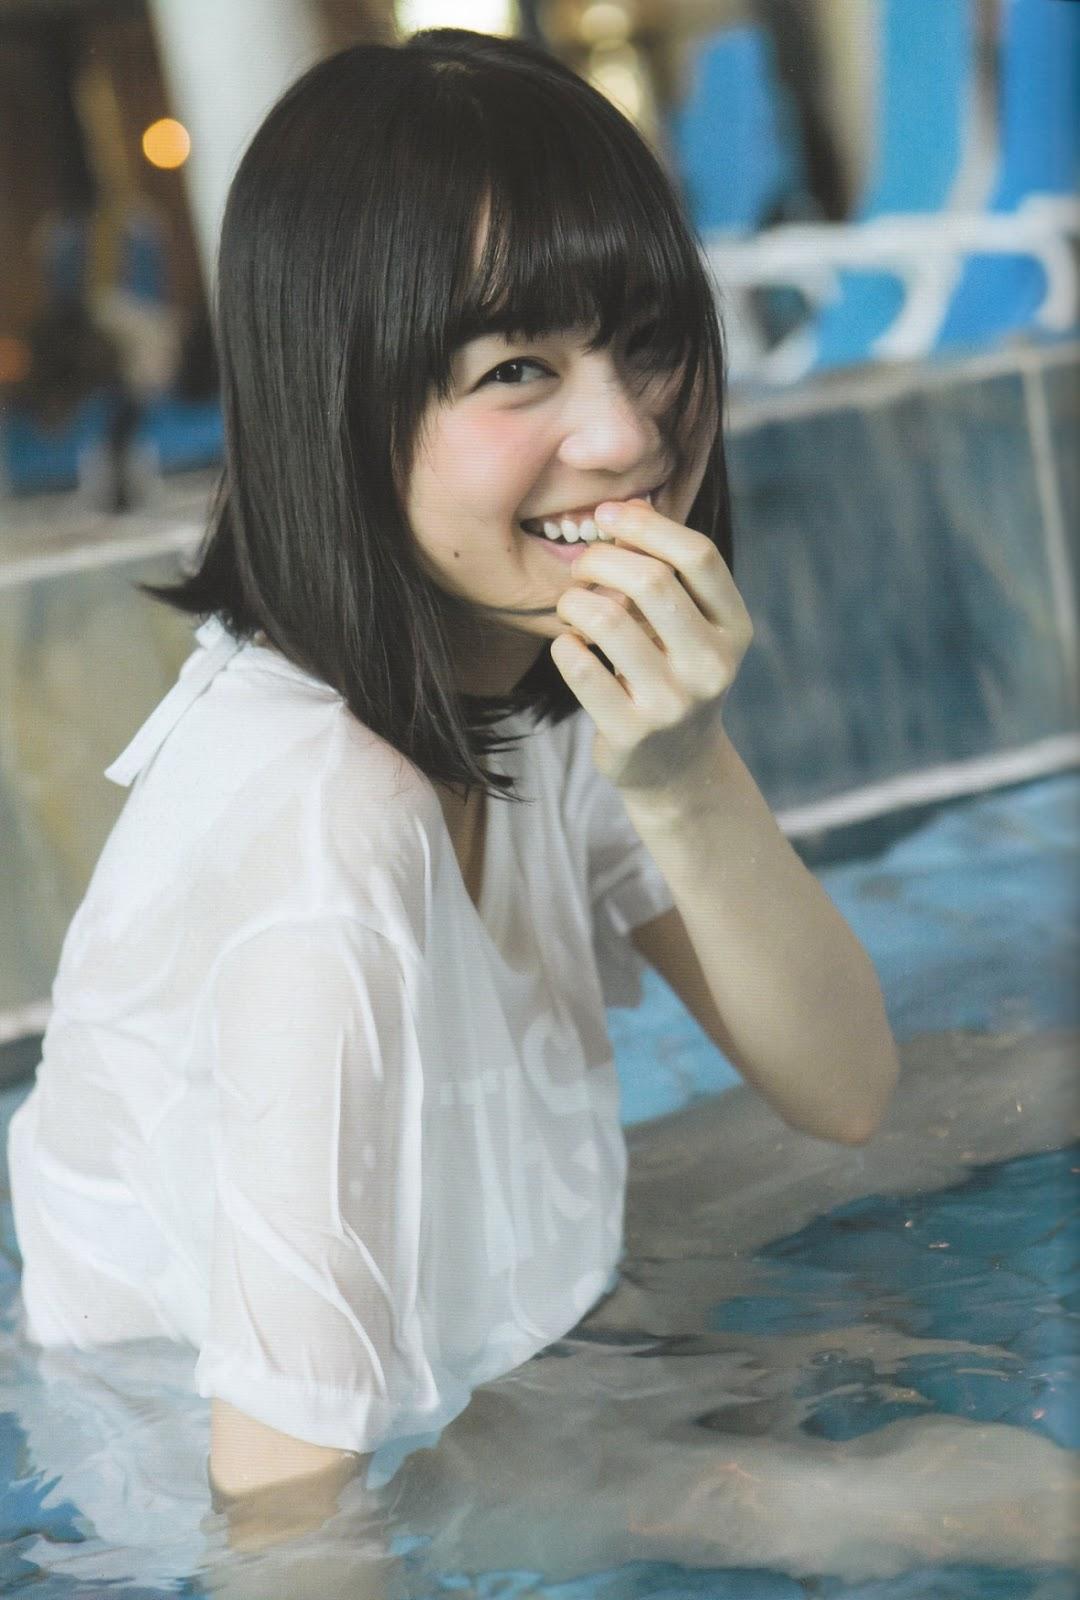 生田絵梨花 シャツで水の中